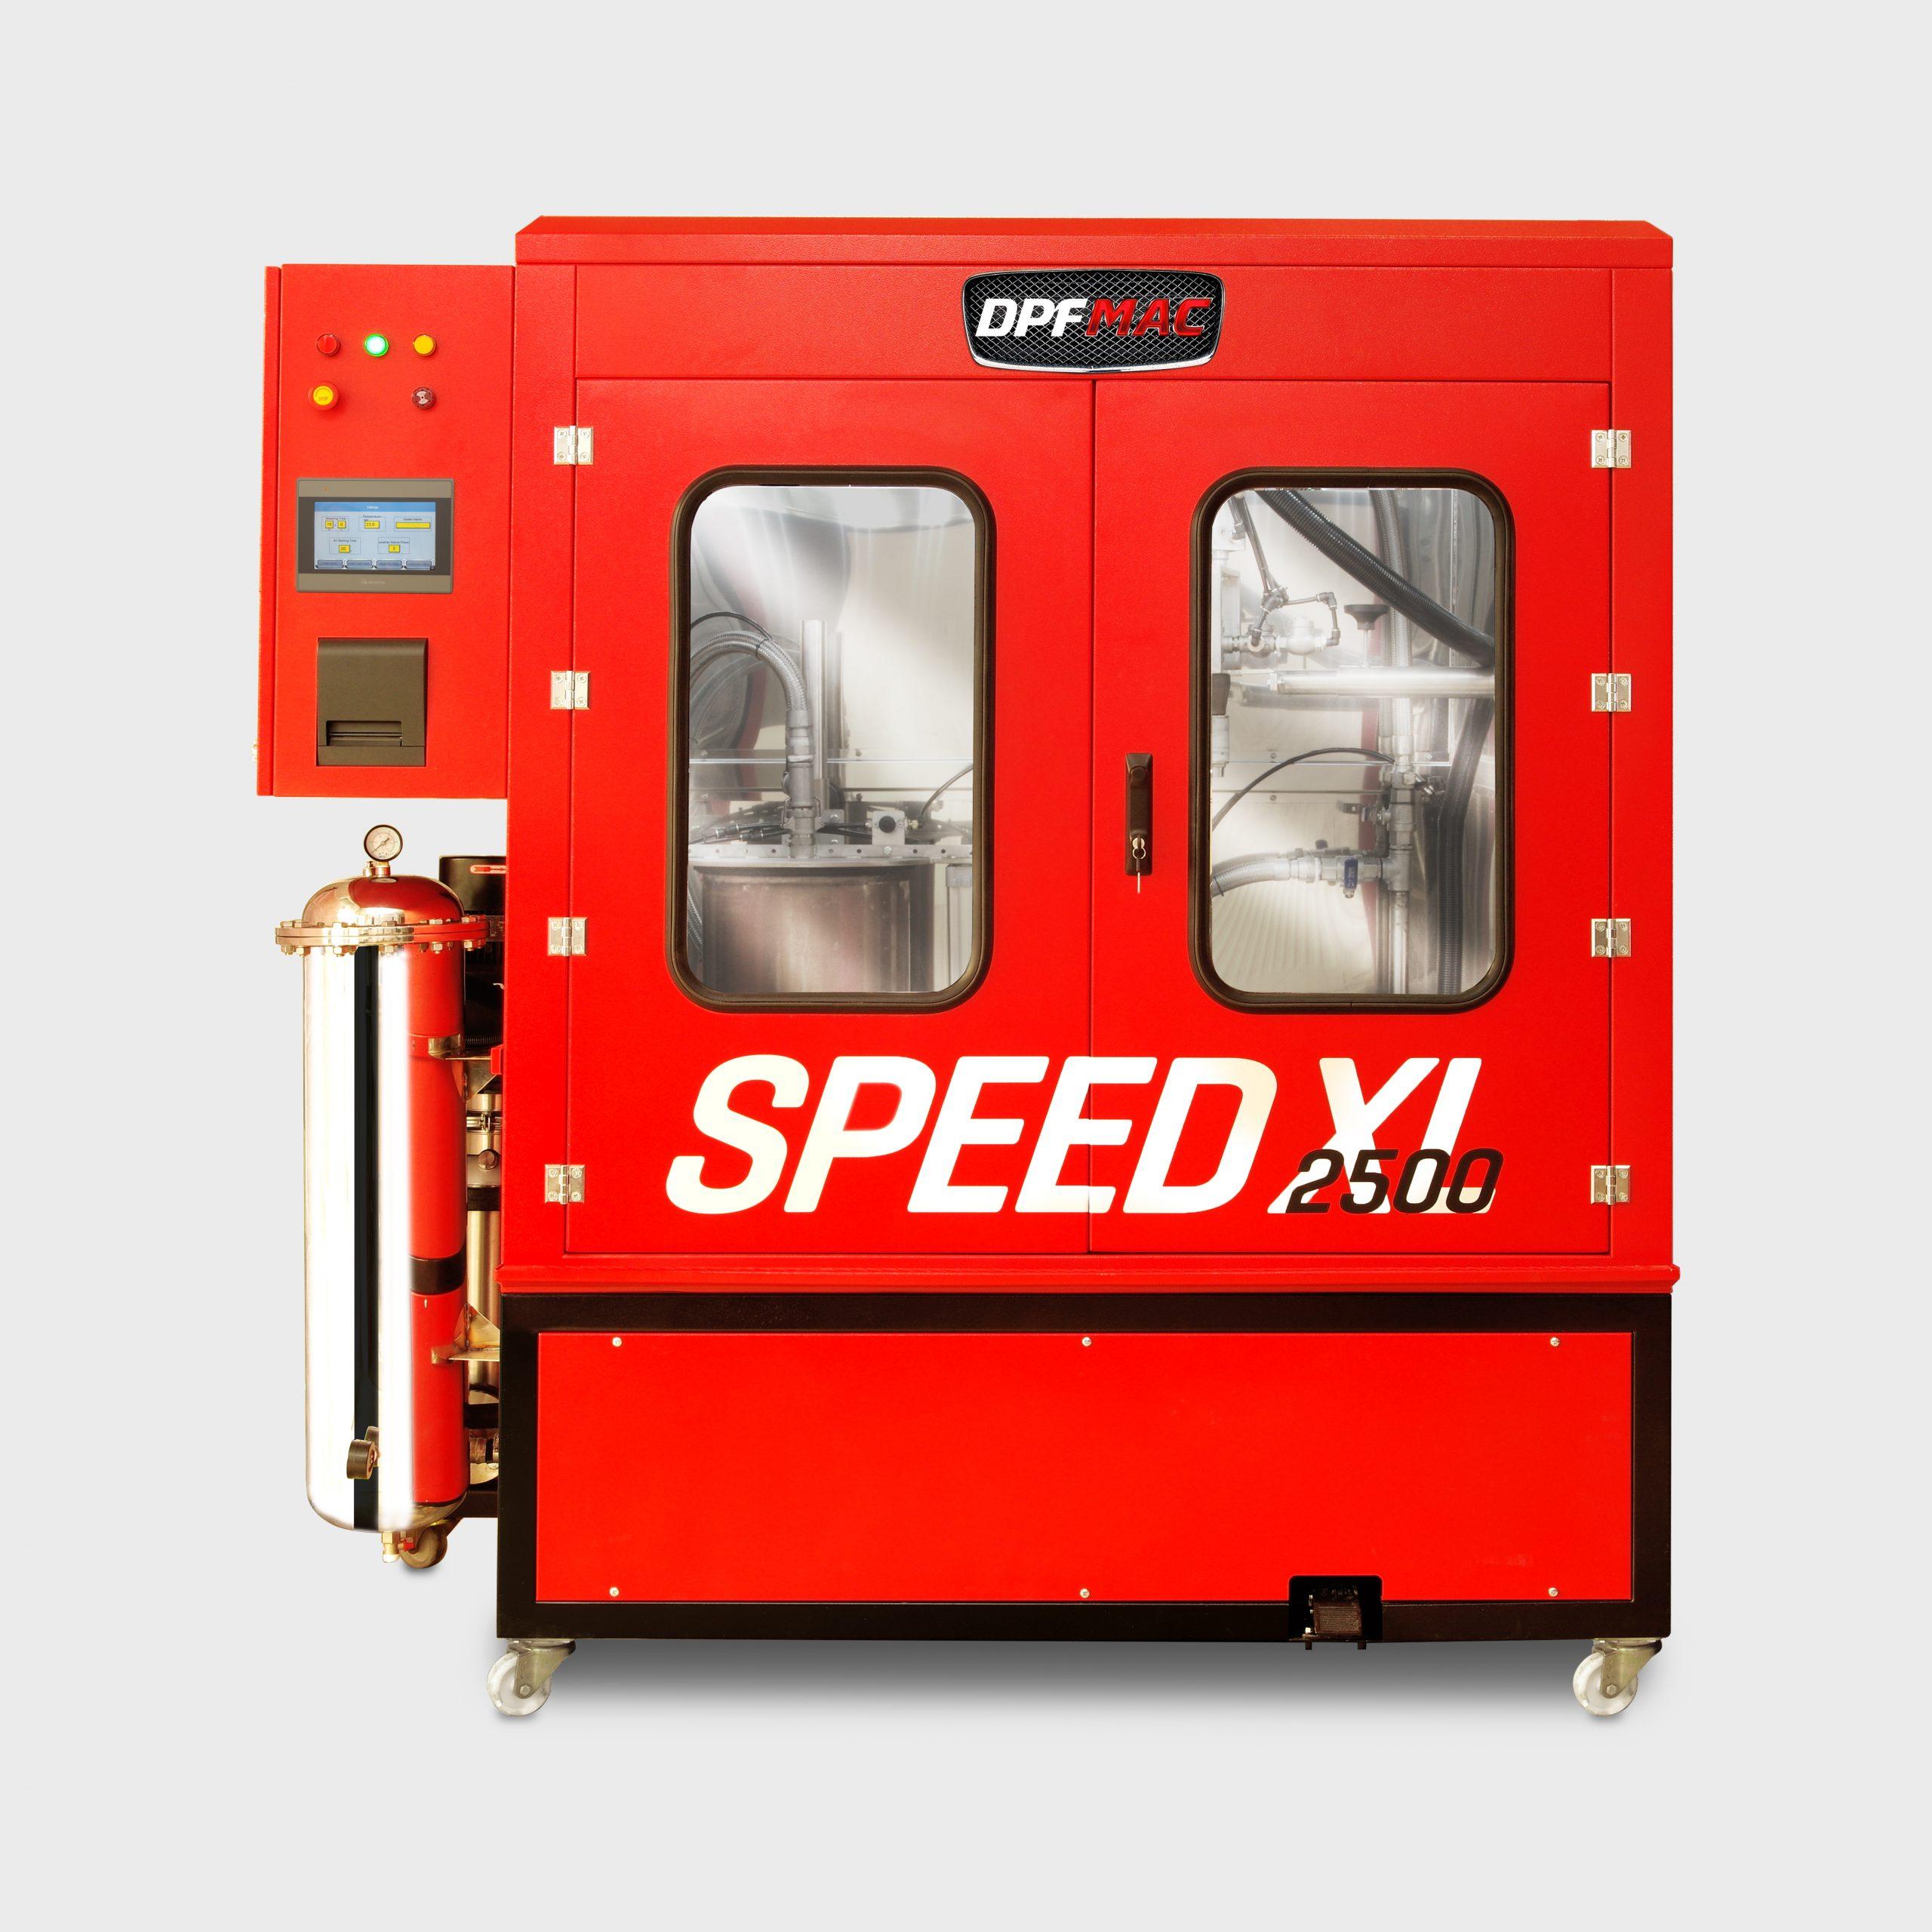 Speed 2500 XL